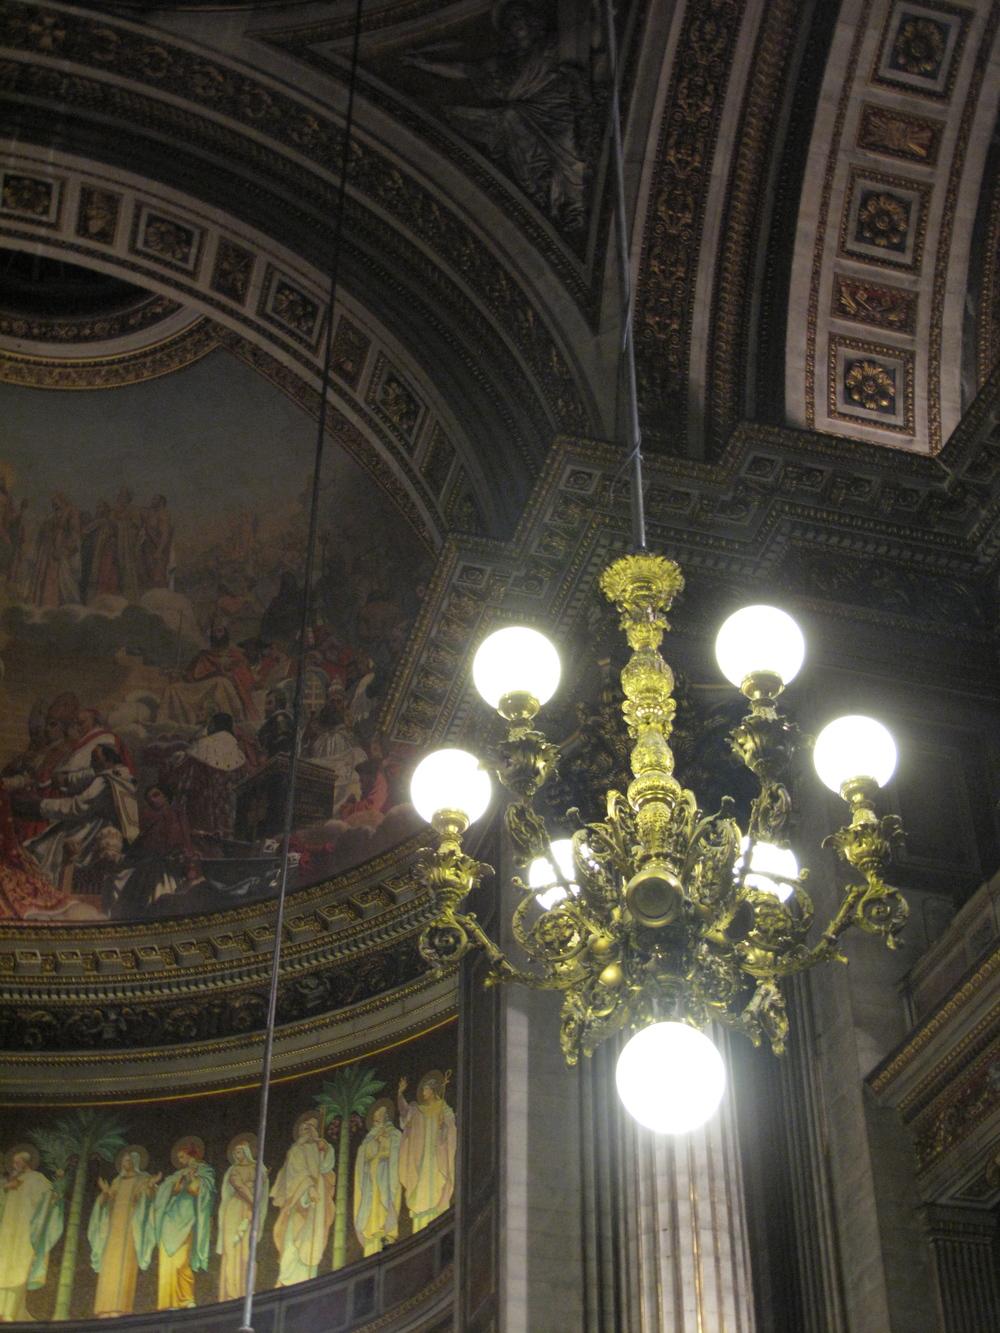 Interior ceiling of l'église de la Madeleine, Paris